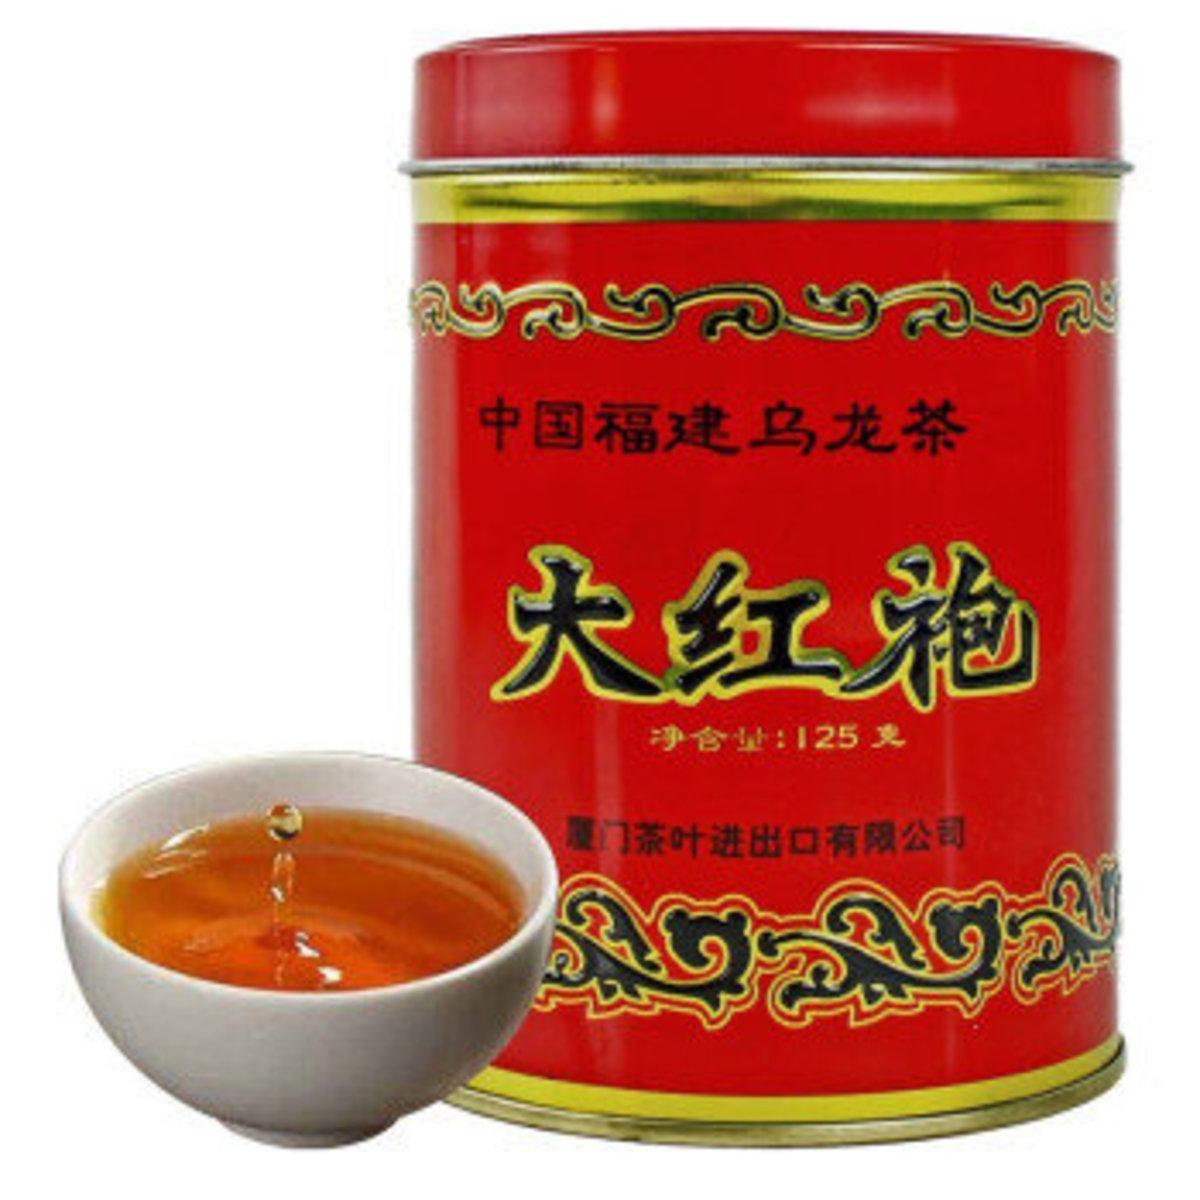 China Tea Da Hong Pao